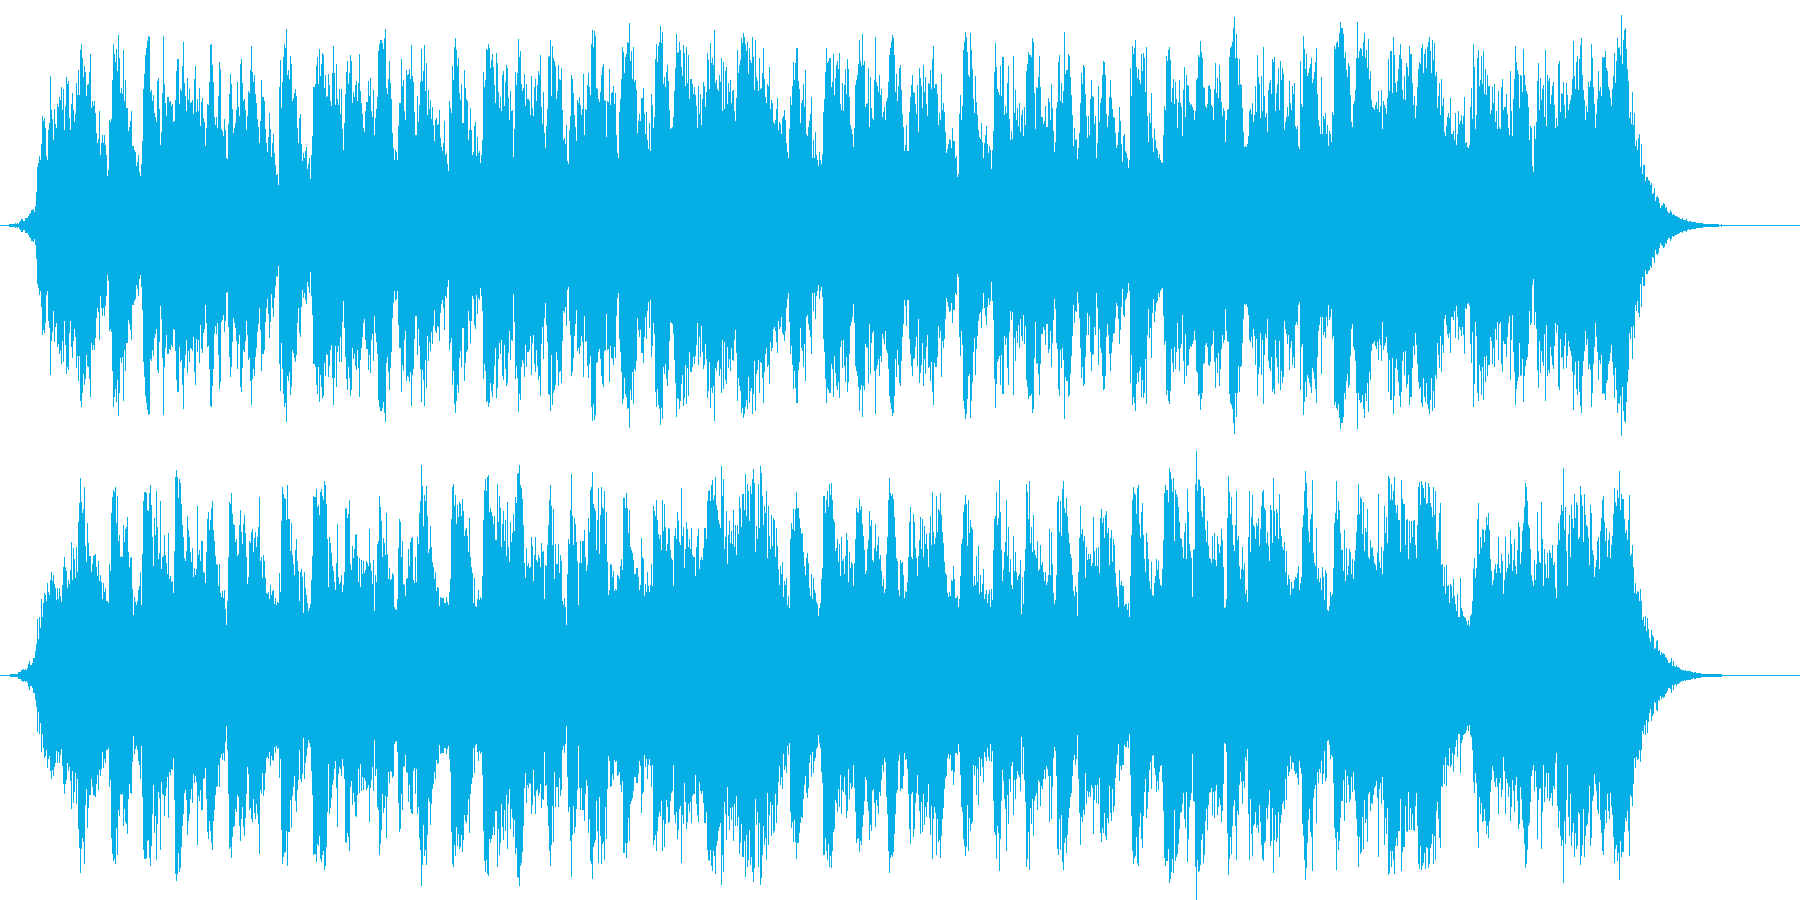 戦国大戦 和風オーケストラの合戦バトルの再生済みの波形